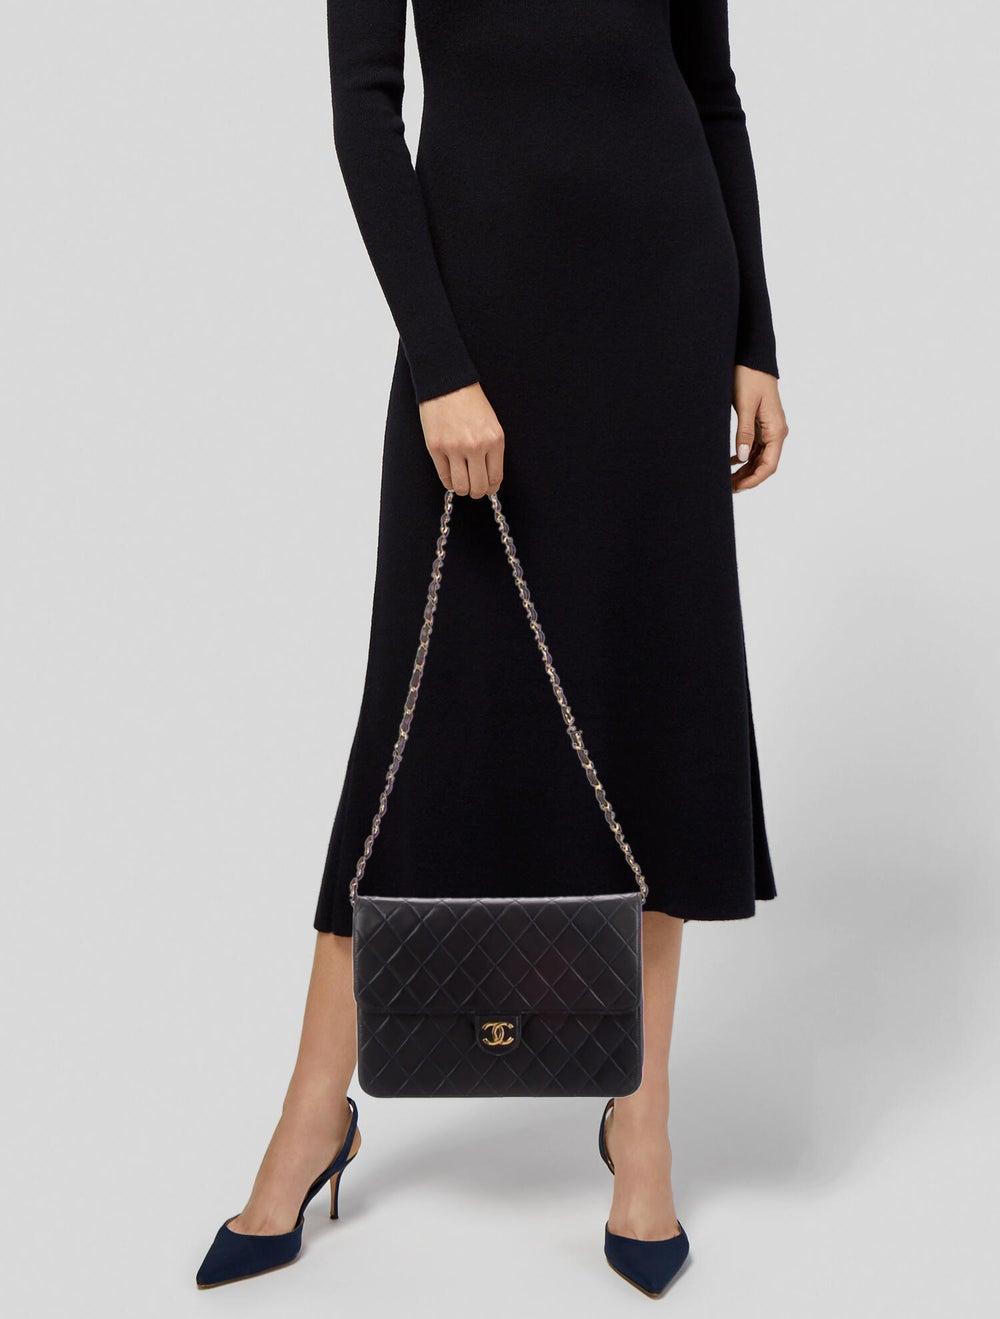 Chanel Vintage Single Flap Bag Blue - image 2